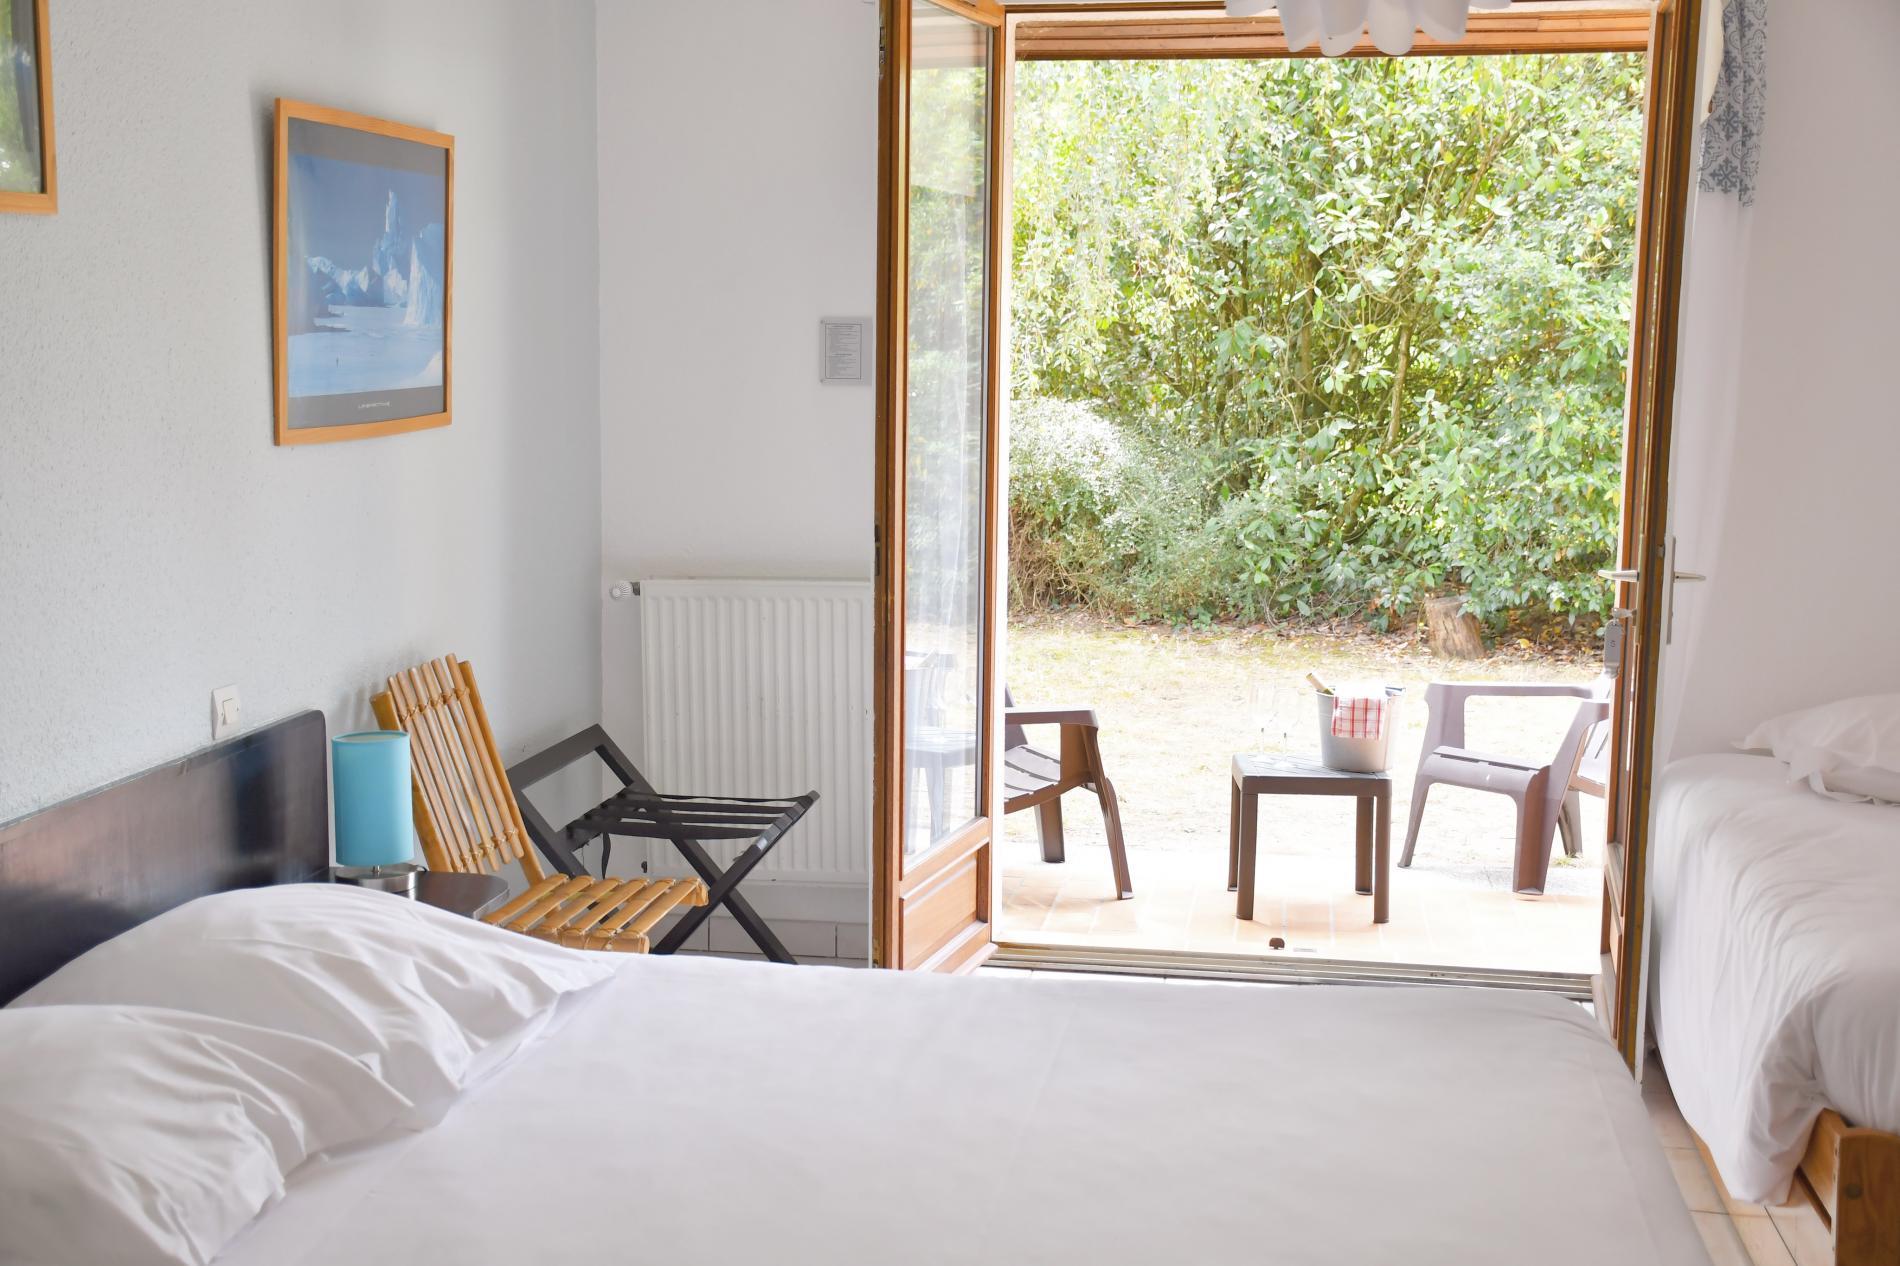 chambre triple + 1 lit gigogne (au jardin)